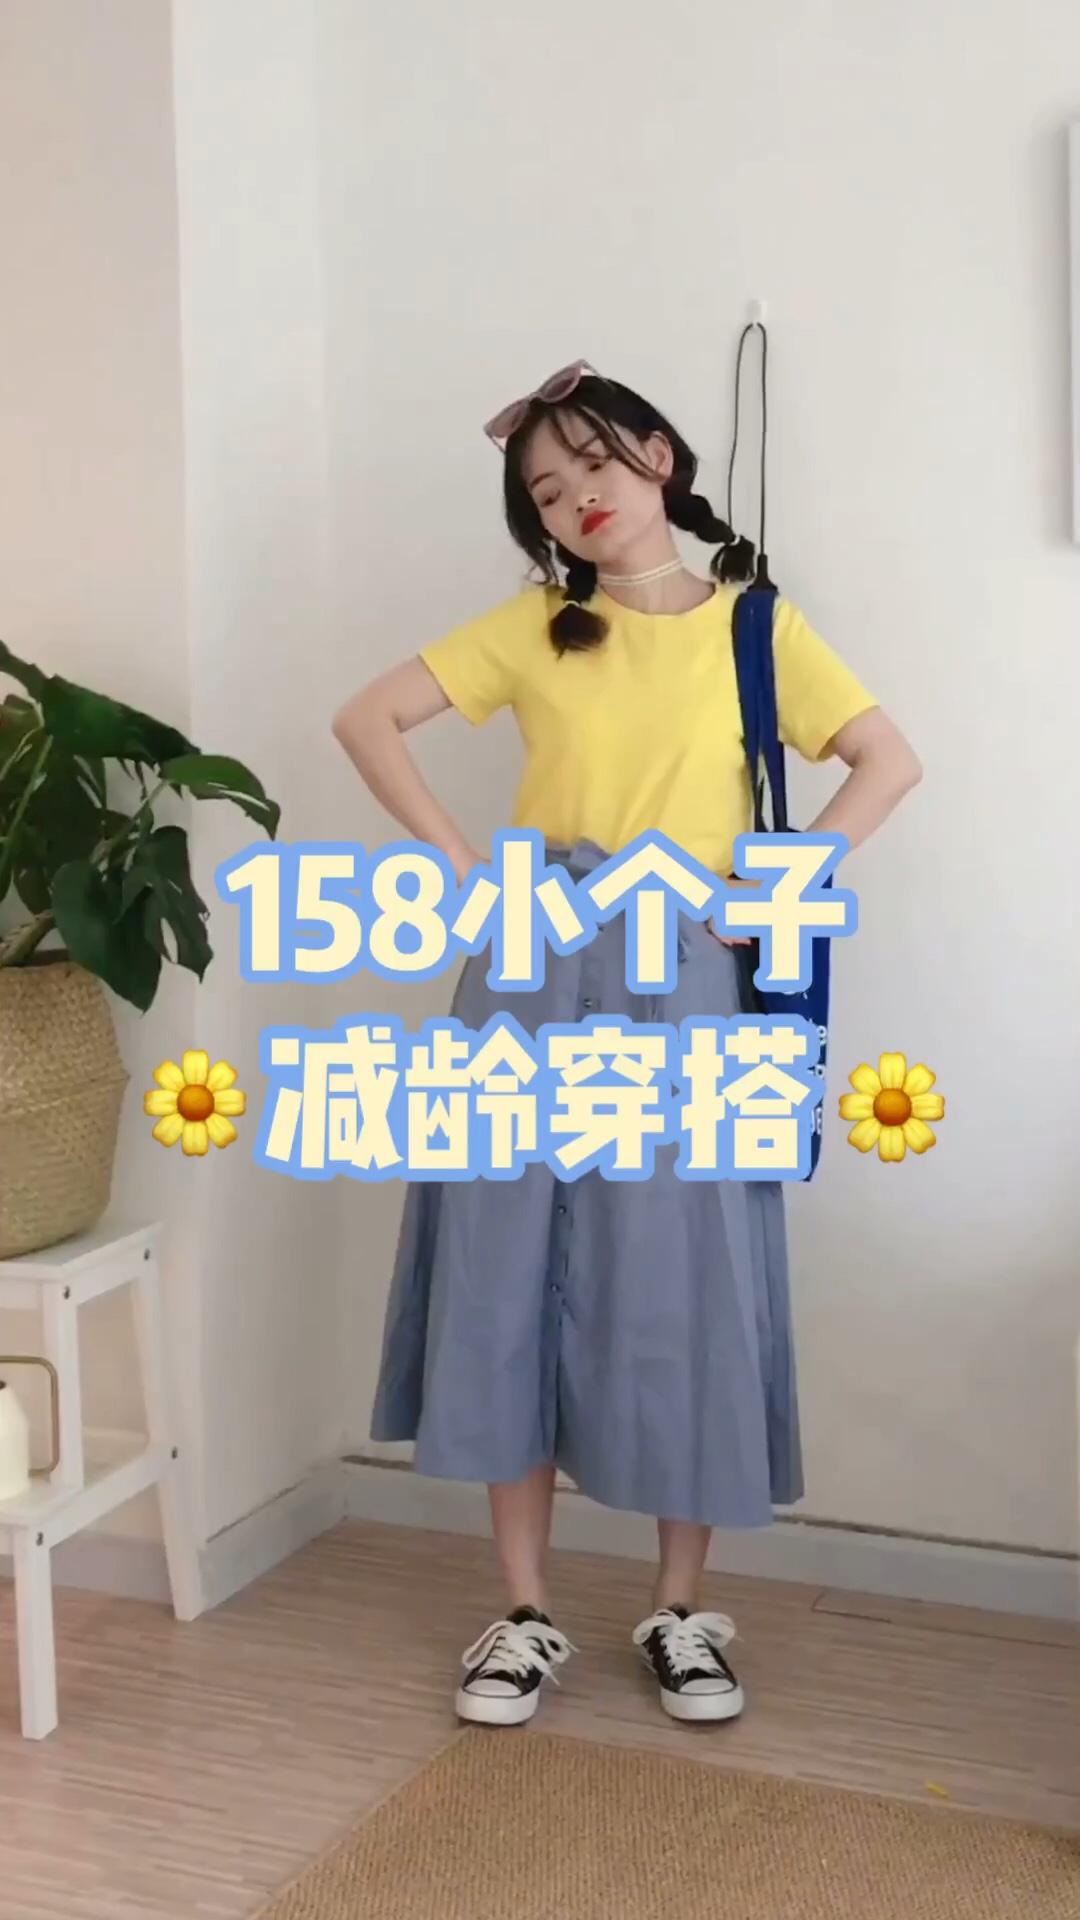 #成功减龄,做有故事的女同学# 🌼上衣:黄色炒鸡嫩 减龄神器! 减龄就可以穿粉色、黄色、蓝色、绿色都炒鸡棒的!今日选择一件黄色~ 💙半身裙:淡淡的蓝色更加清新甜美 版型A字型的也是遮肉神器阿!